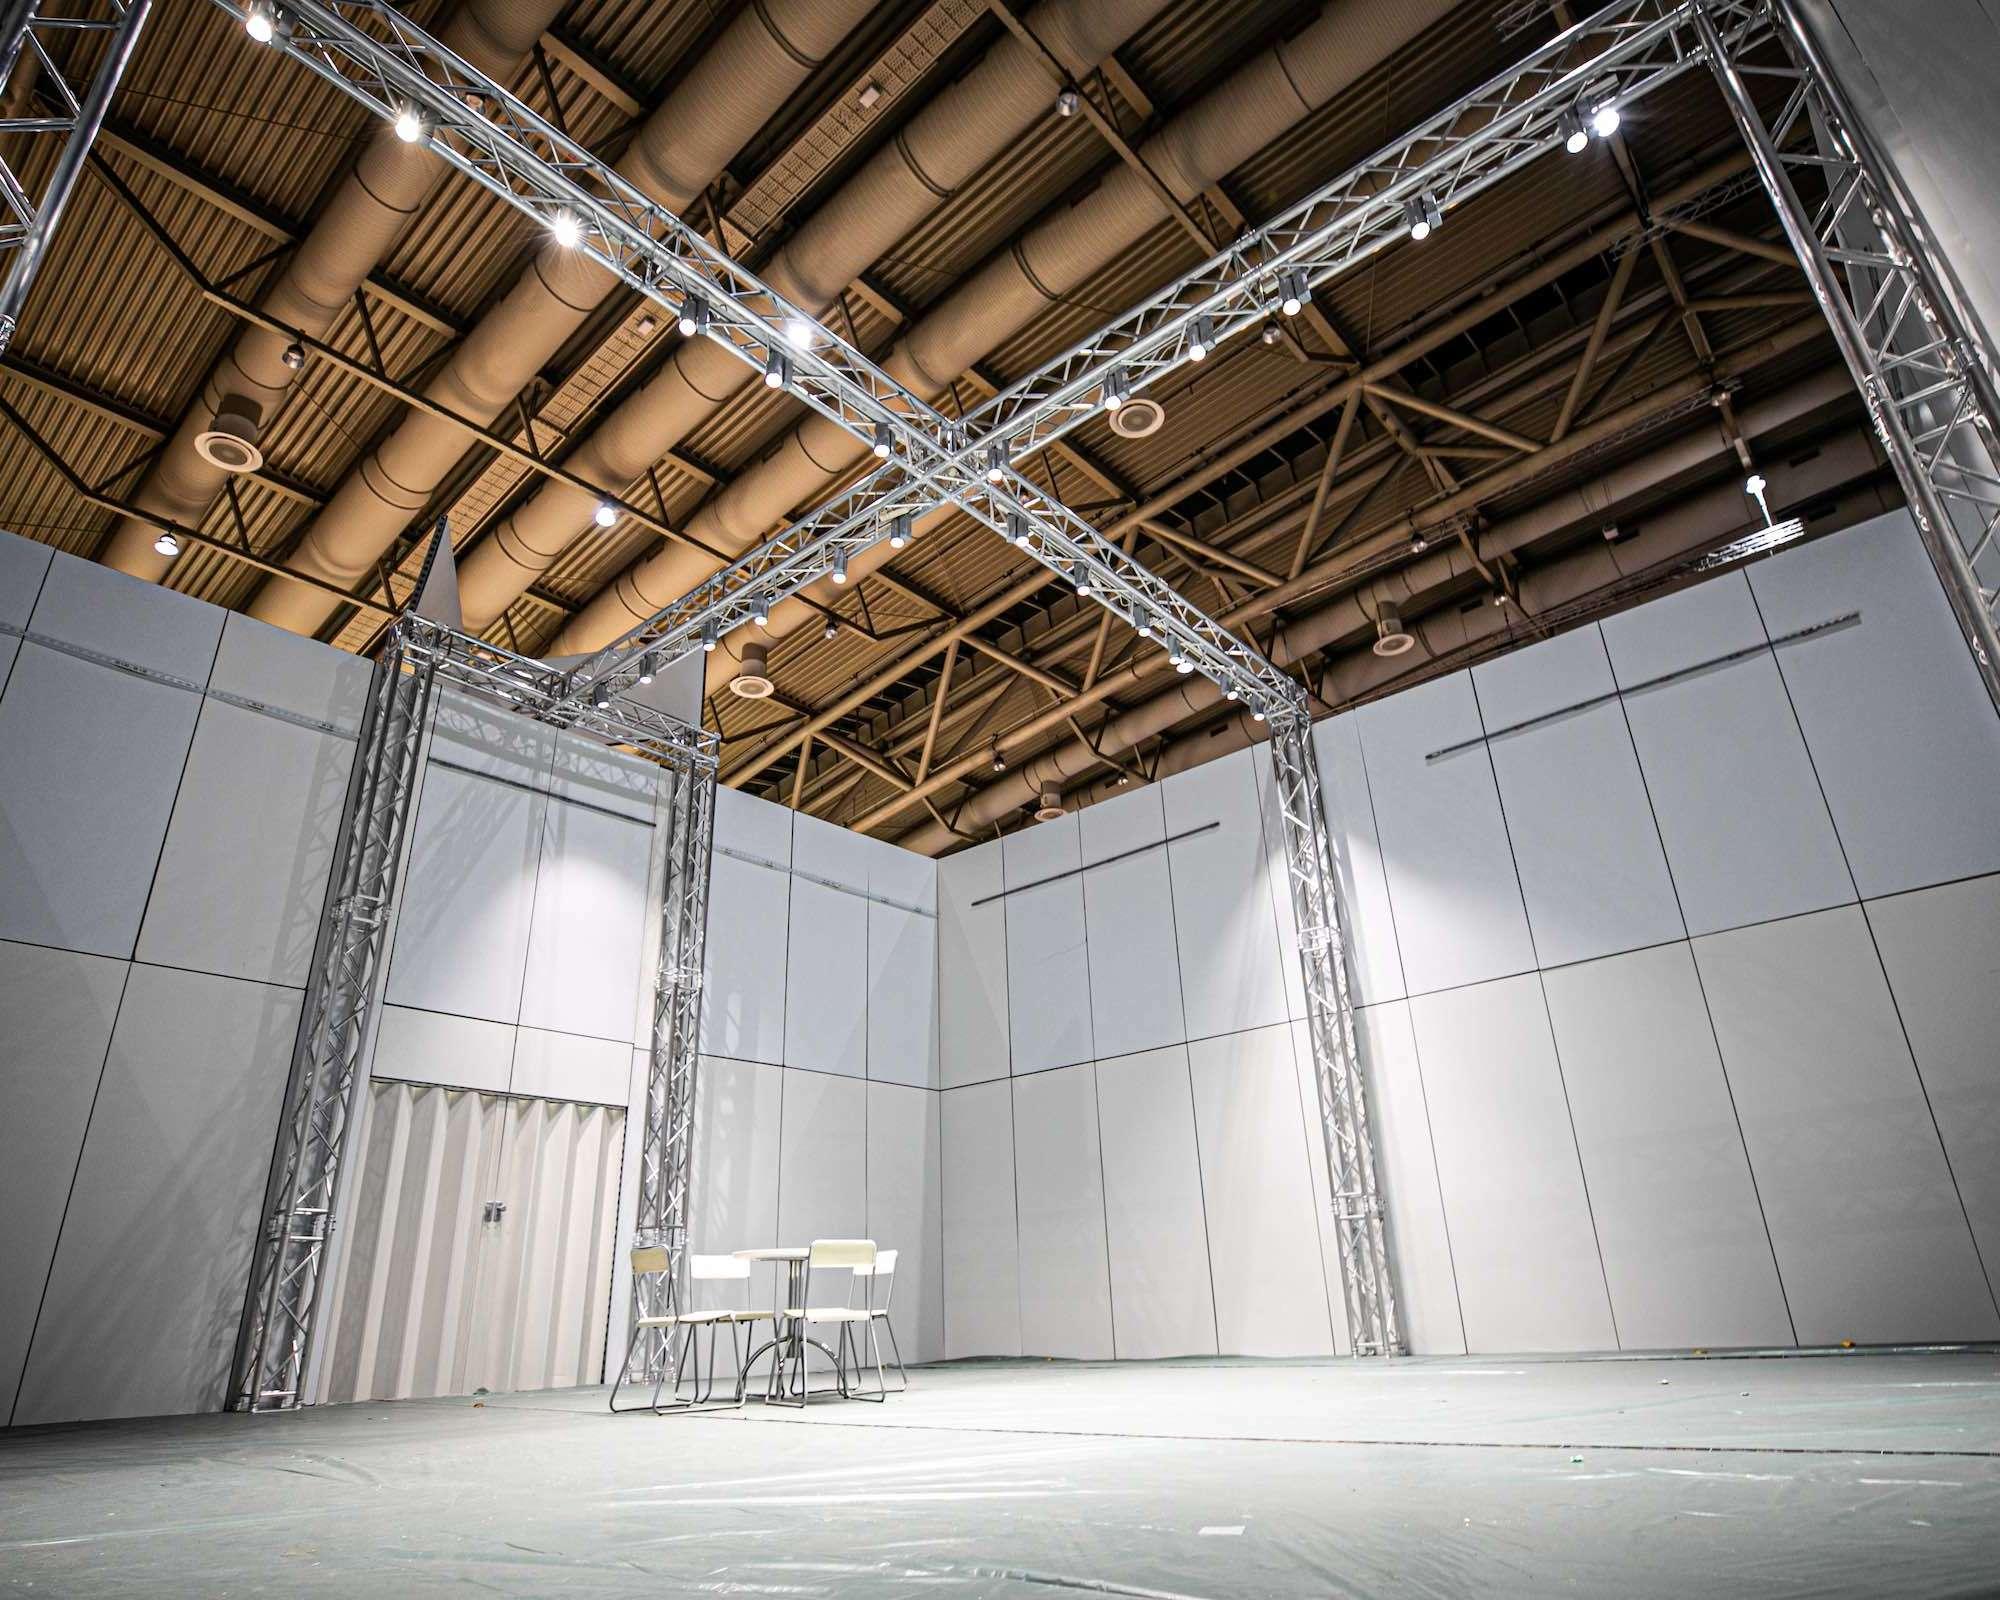 Messebau | Standbau | Hannover | Traversen | Lichttechnik | Tontechnik | Beschallung | Planung | Konzeption | Lieferung | Mieten | Anfragen | Buchen | Lehmann | Eventservice